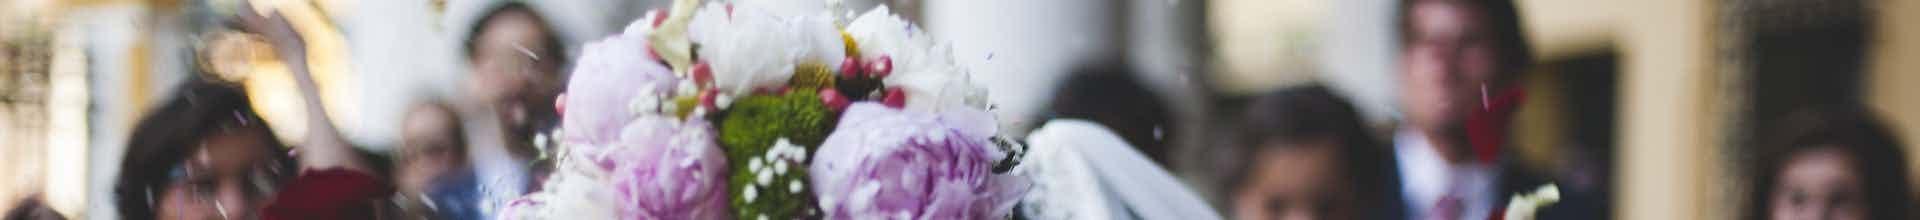 Hochzeit Erfahrungsbericht Evenses